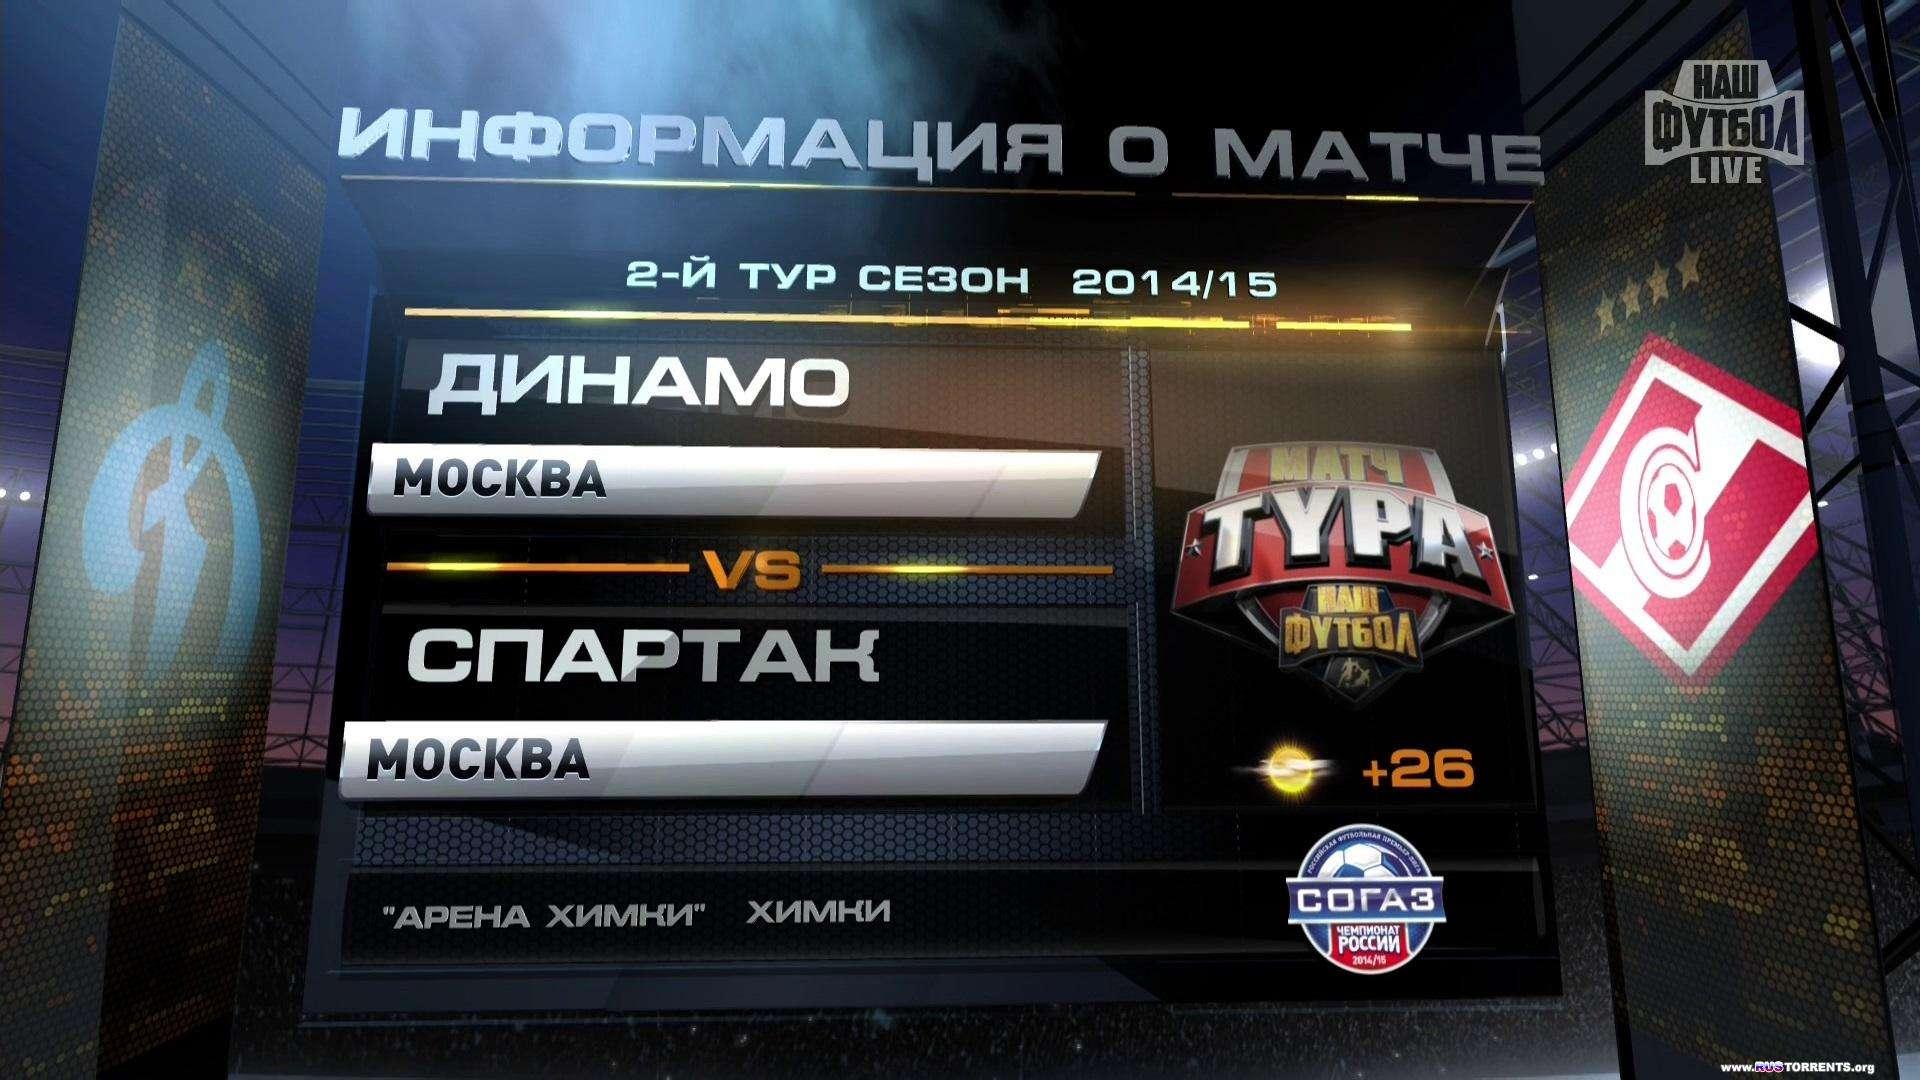 ������. ��������� ������ 2014 - 2015. 2-� ���. ������ (������) � ������� (������) + ������ [10.08] | HDTV 1080i